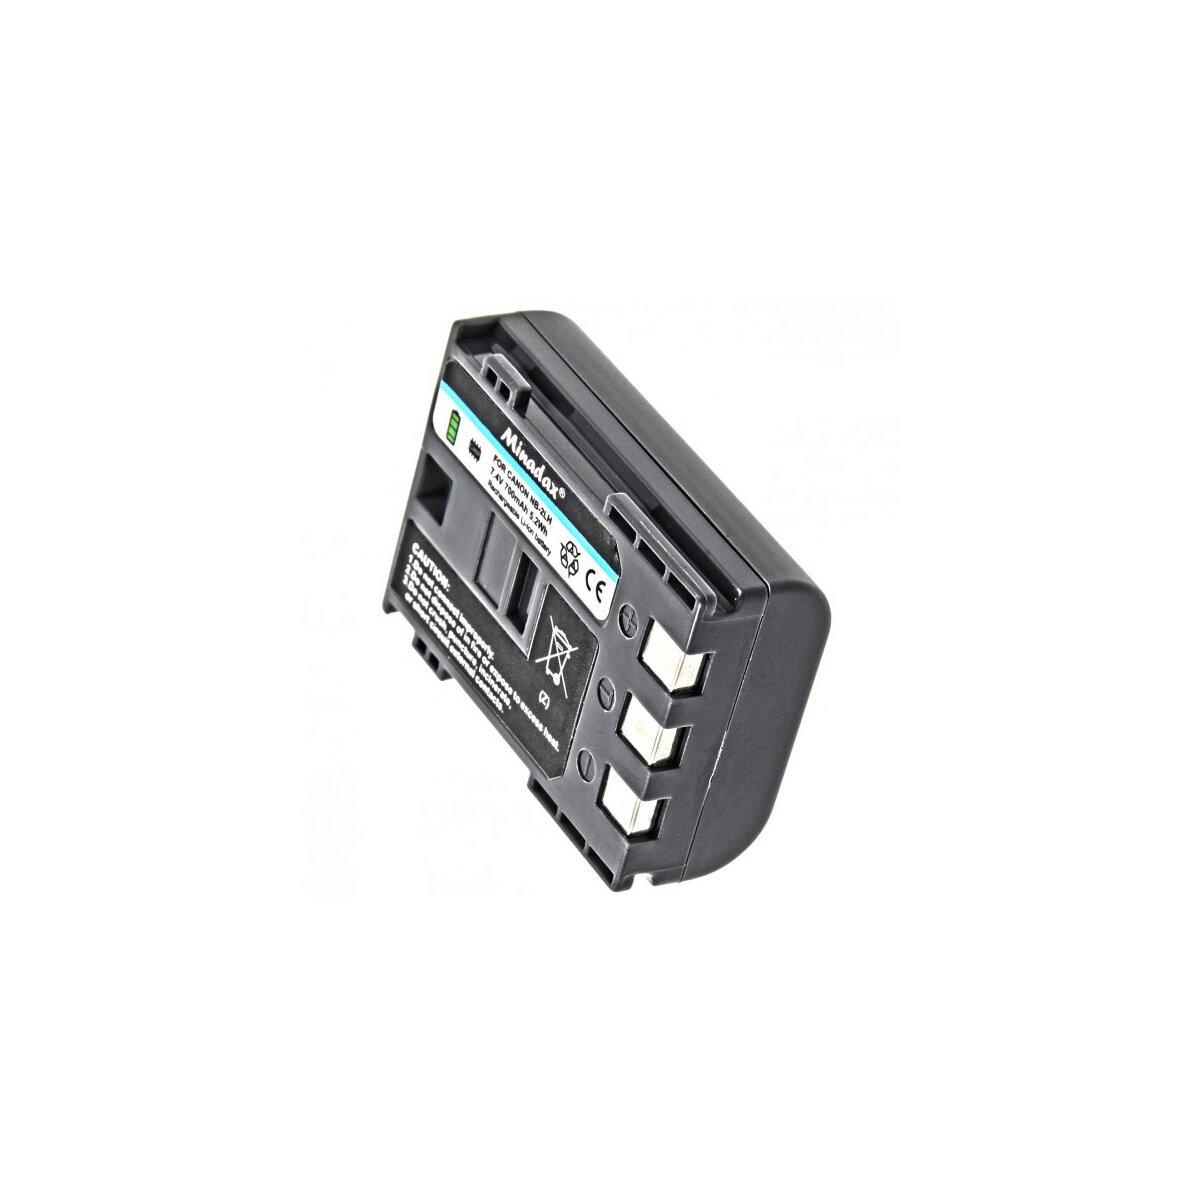 Minadax® Qualitaetsakku mit echten 700 mAh kompatibel mit Canon Powershot S30/S40/S45/S50/S60, ersetzt NB-2LH - Intelligentes Akkusystem mit Chip